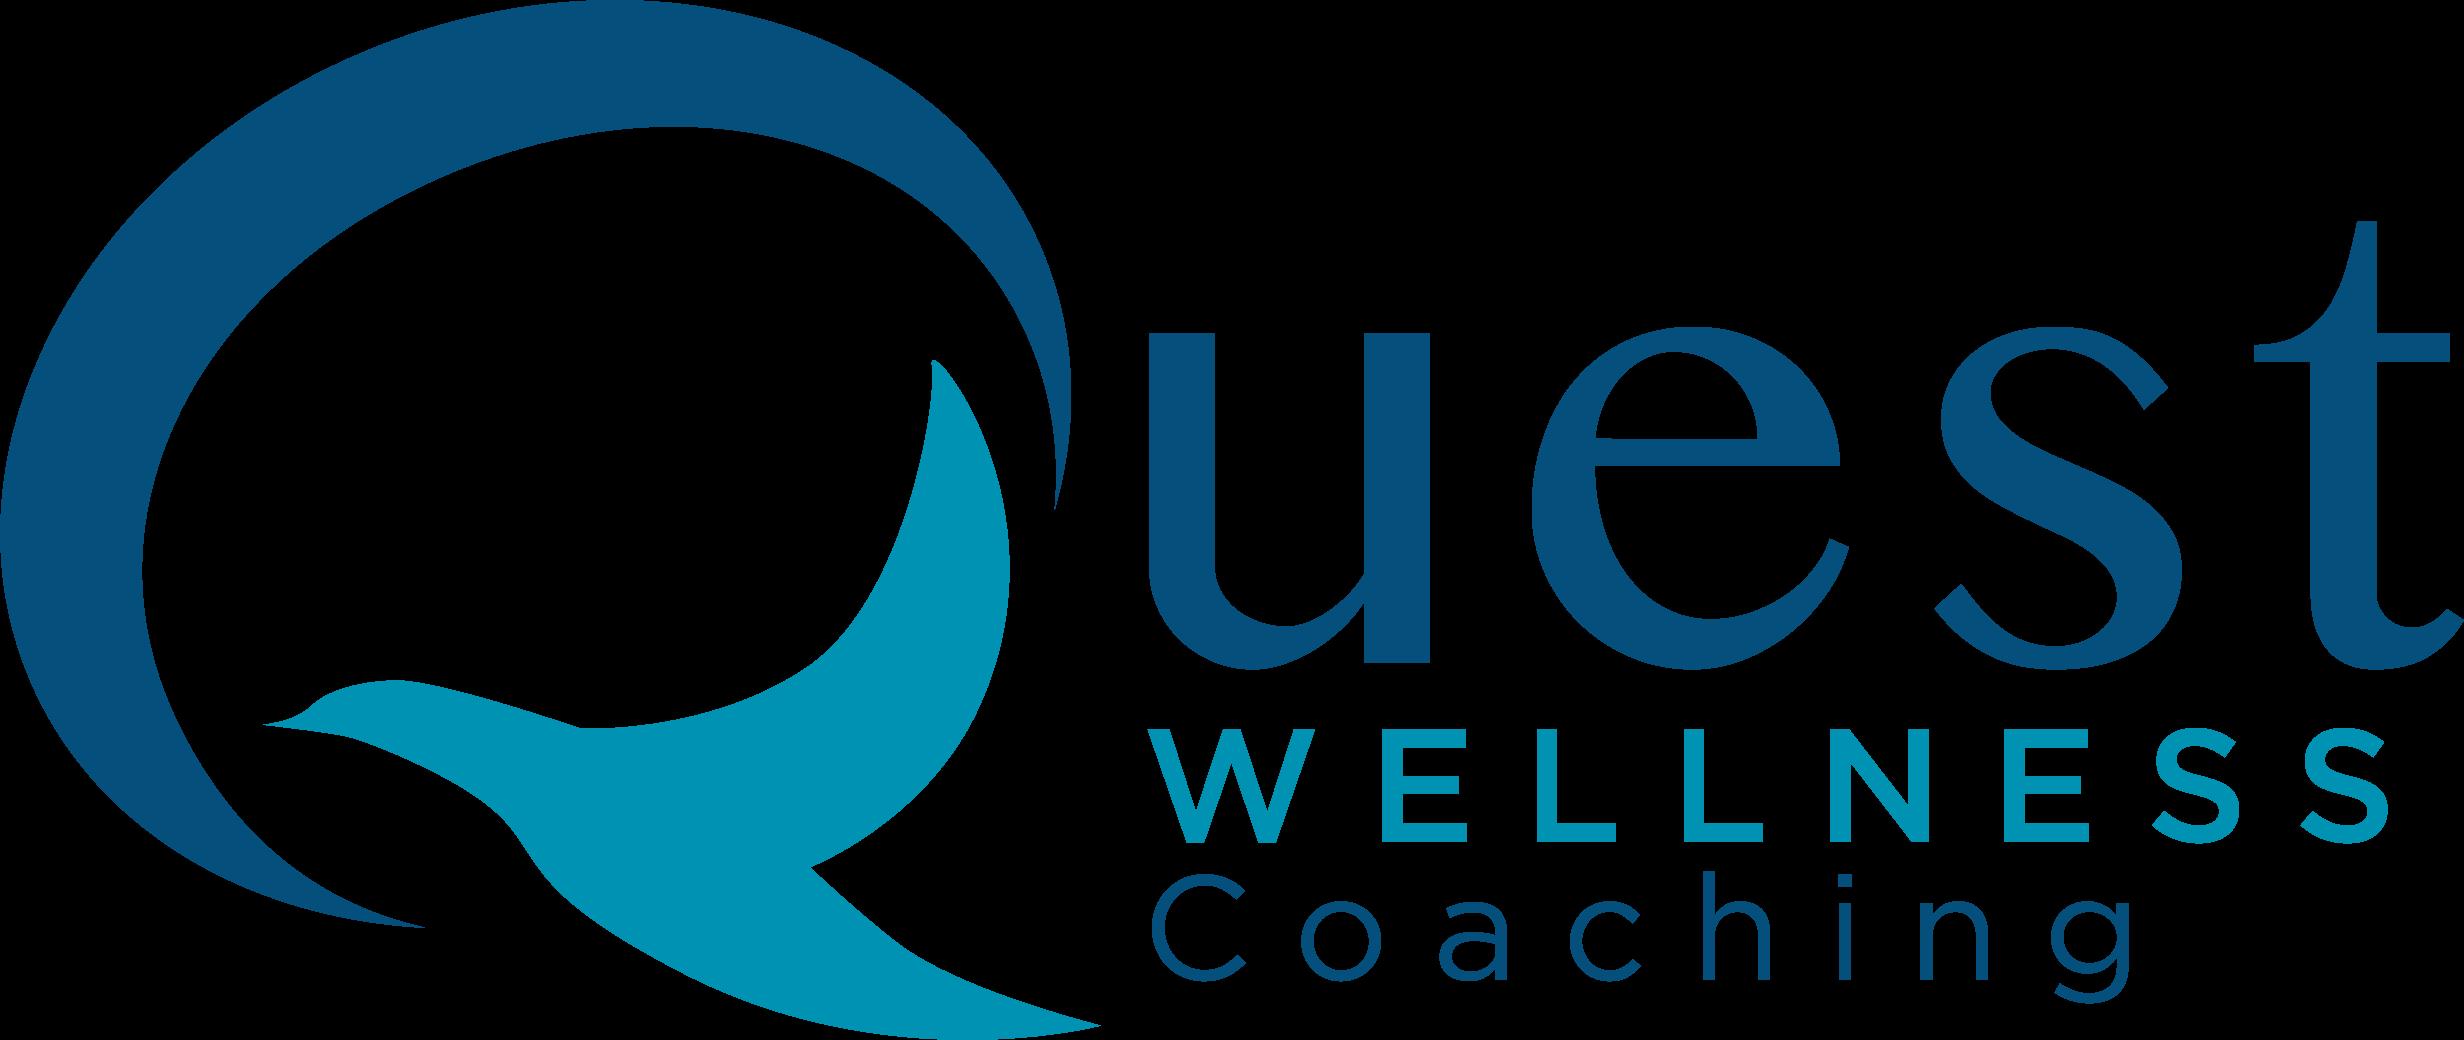 Quest Wellness Coaching